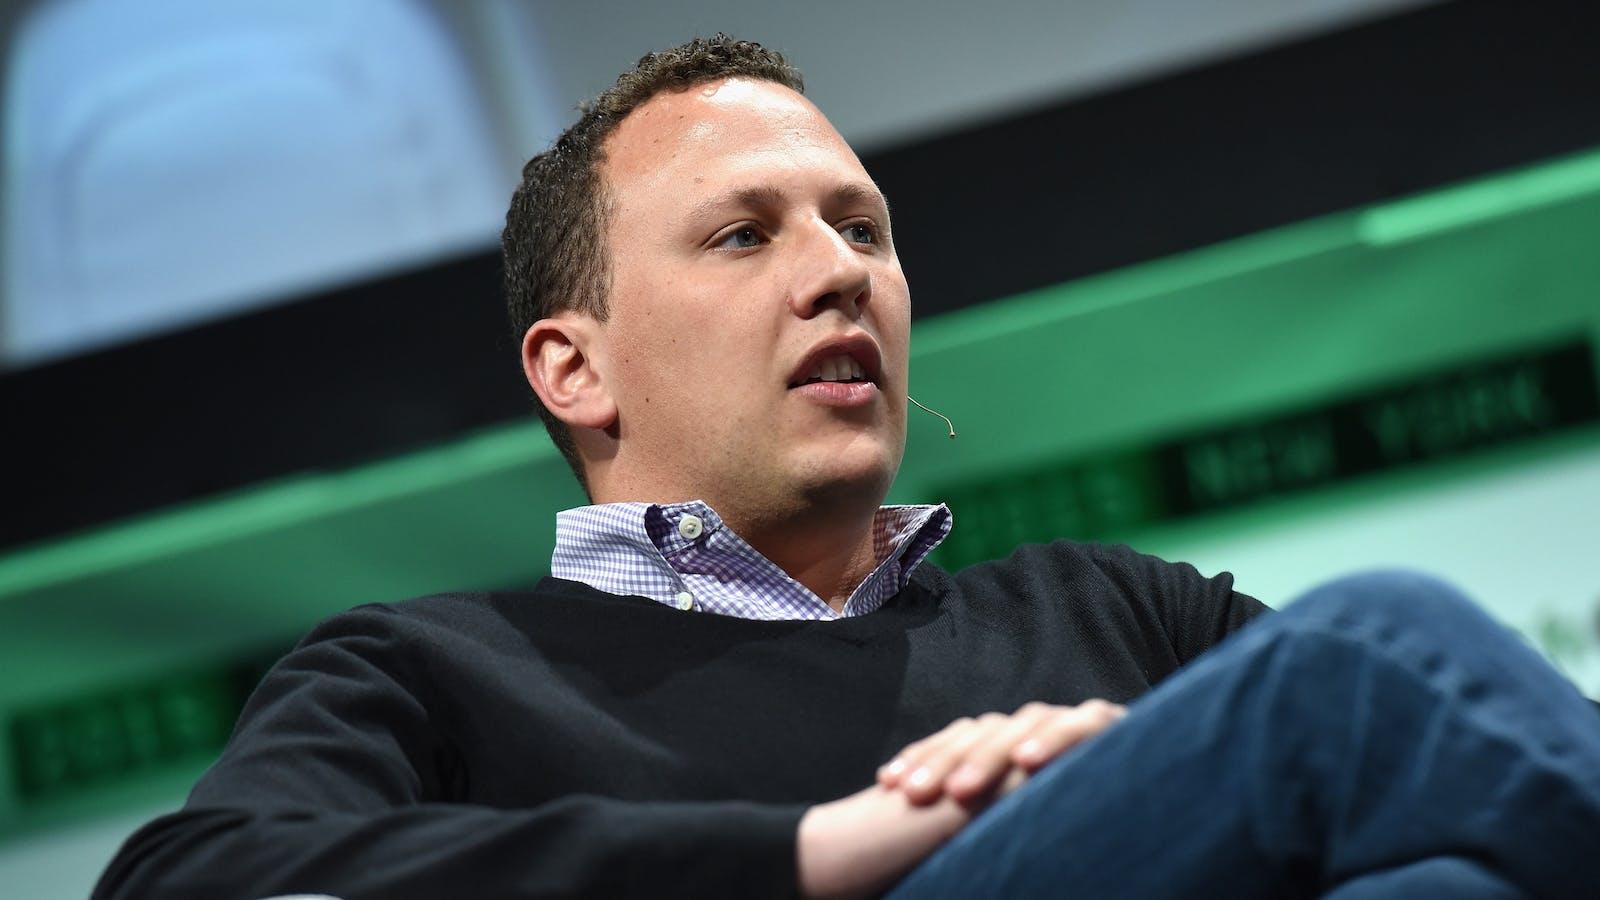 Casper co-founder Philip Krim. Photo by Flickr/TechCrunch.